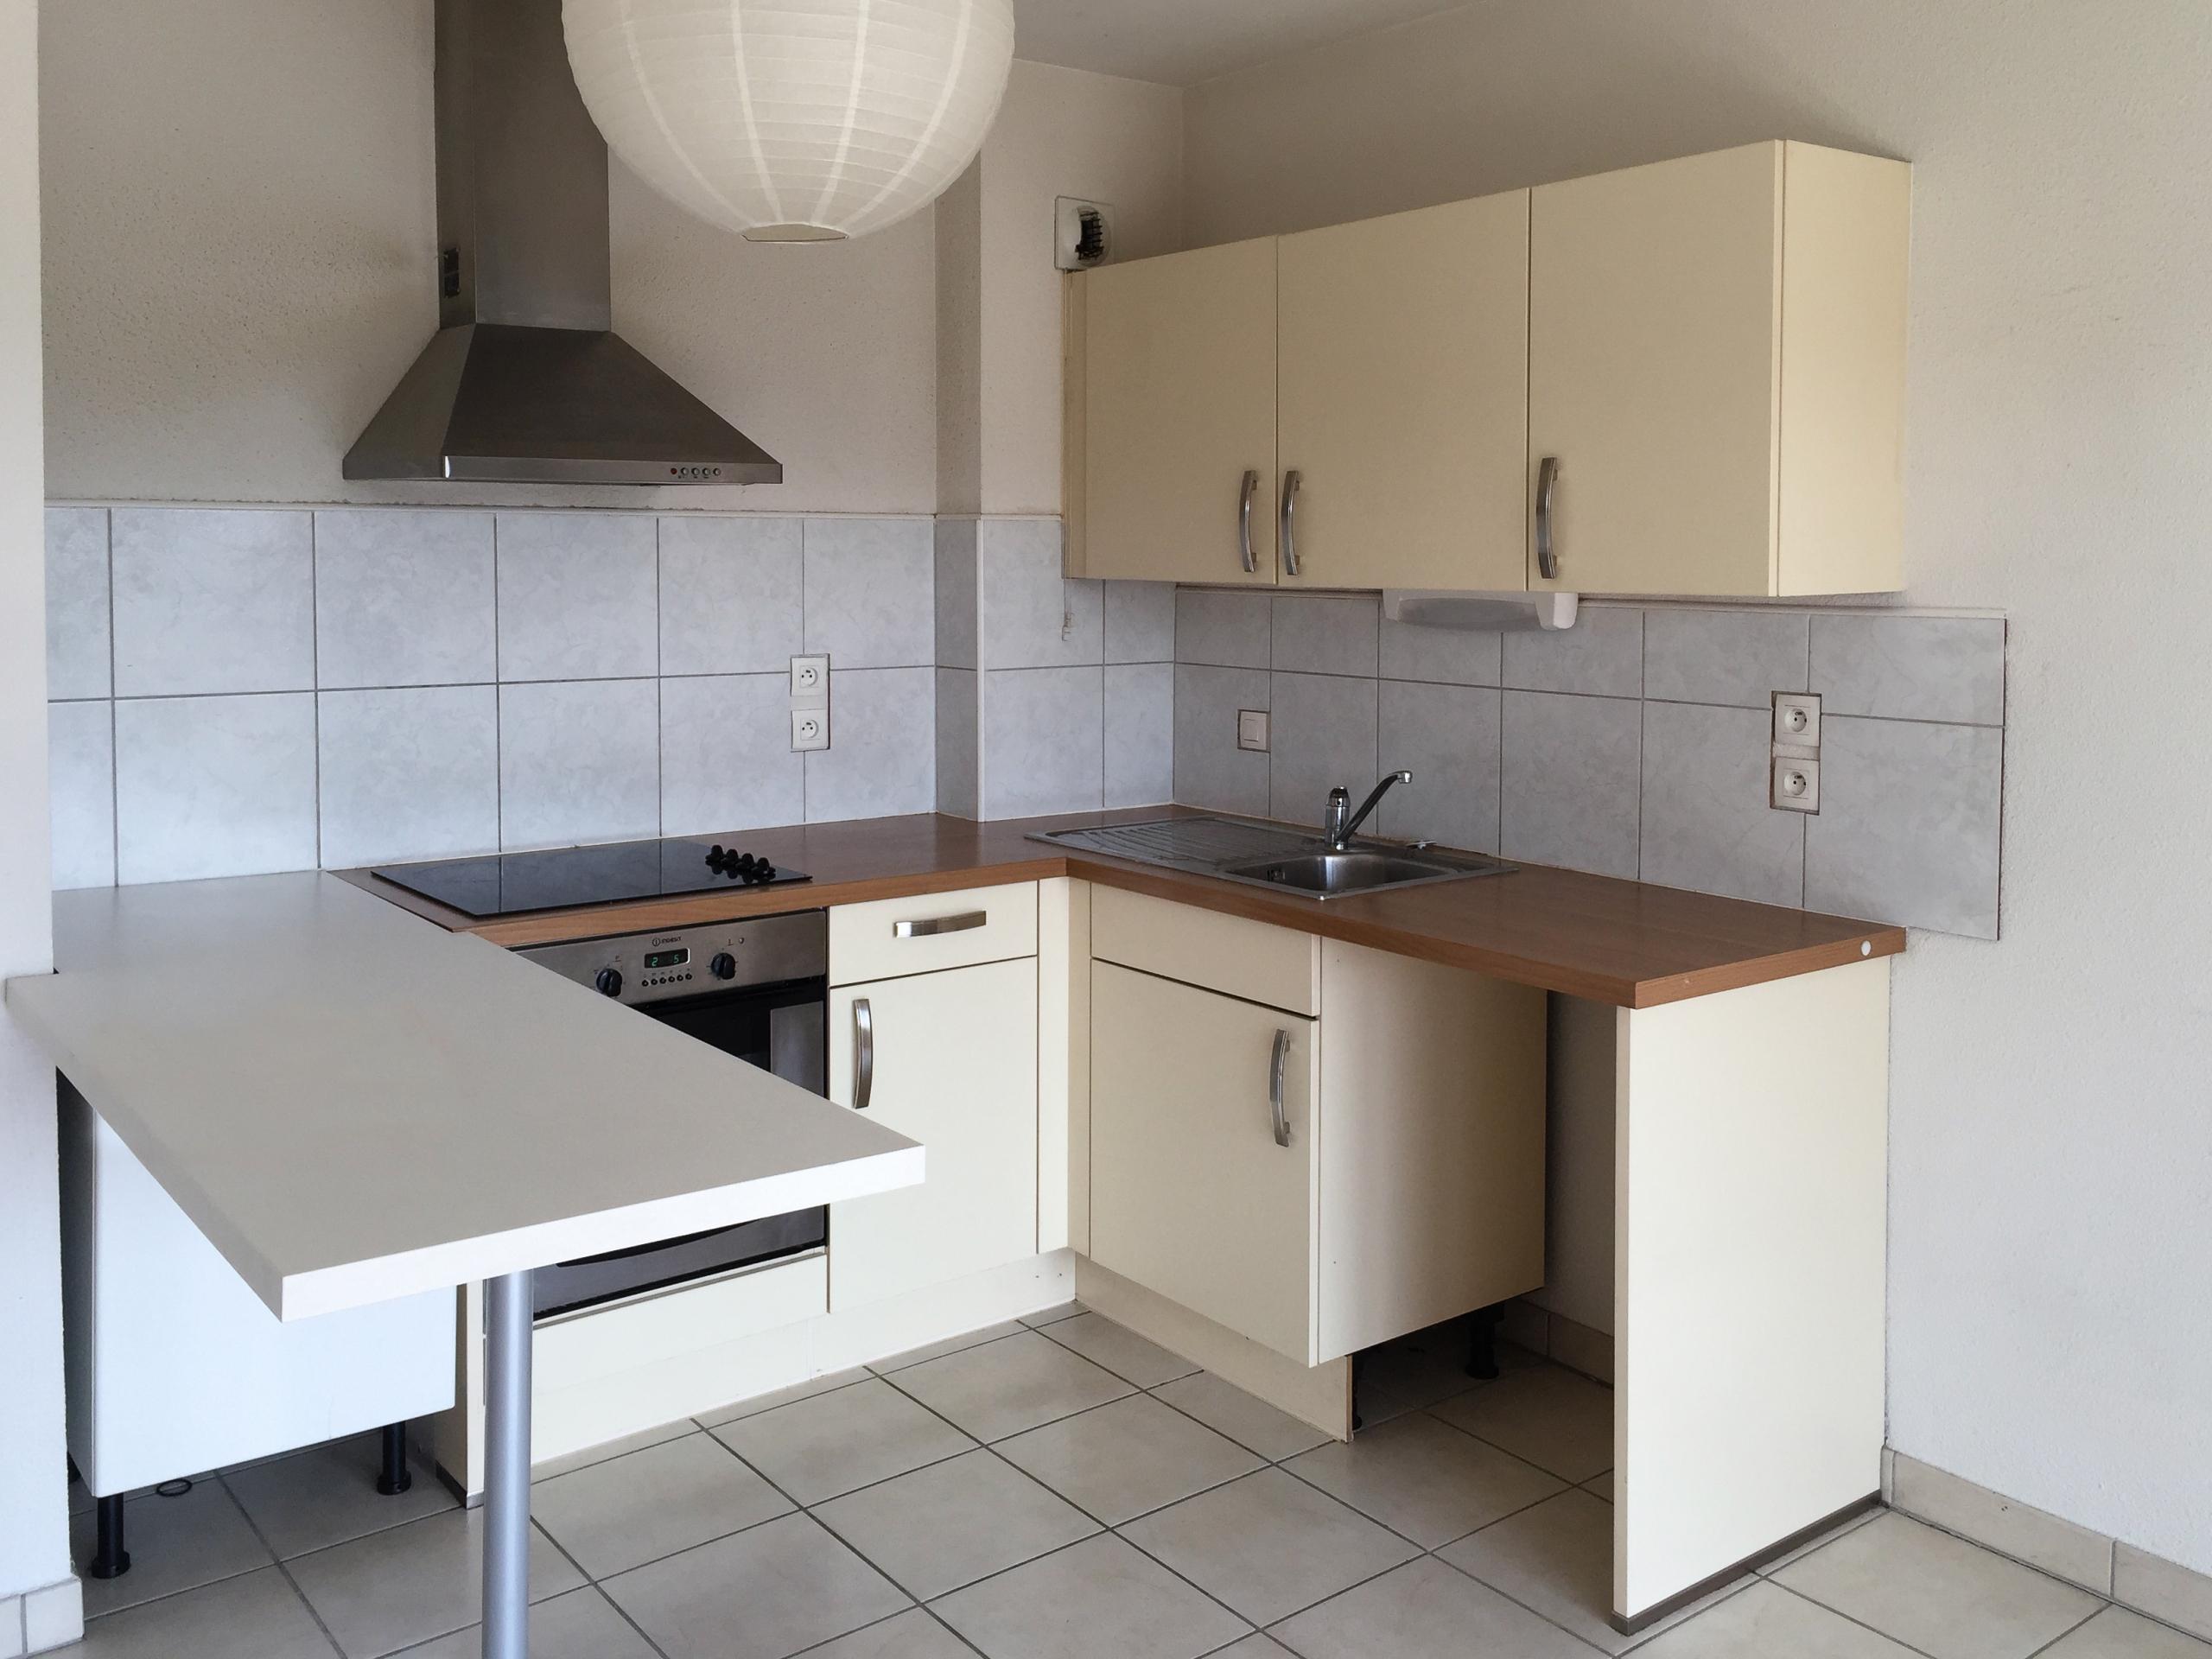 décoration architecture d'intérieur aménagement rénovation conception sur-mesure cuisine appartement travaux